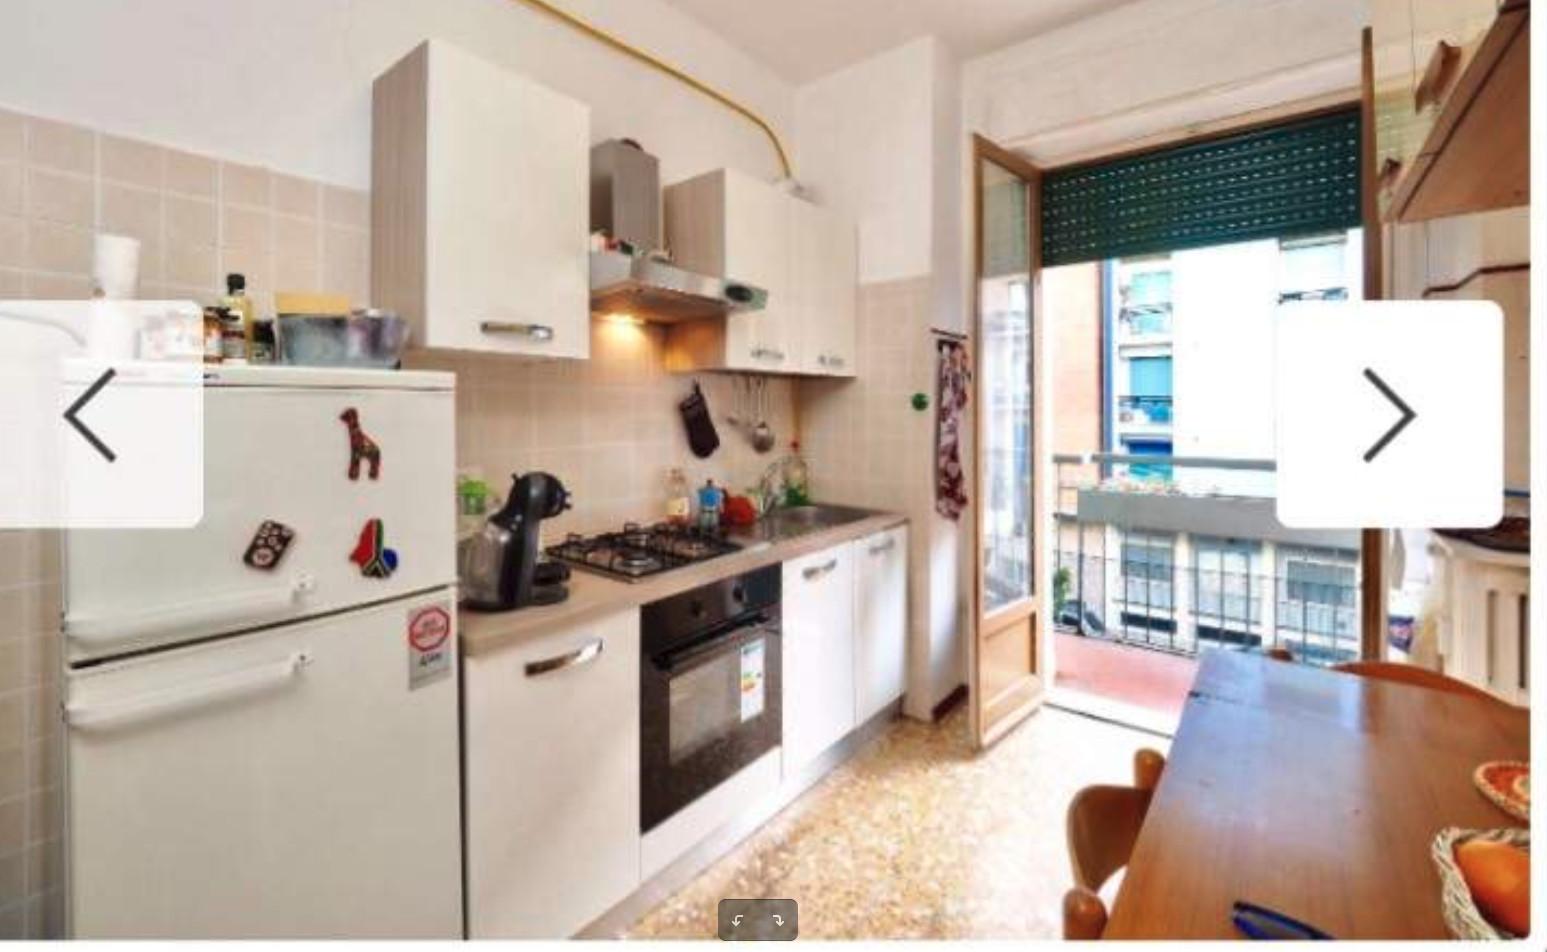 Posto letto in doppia zona istria niguarda stanze in affitto milano - Affitto posto letto a milano ...